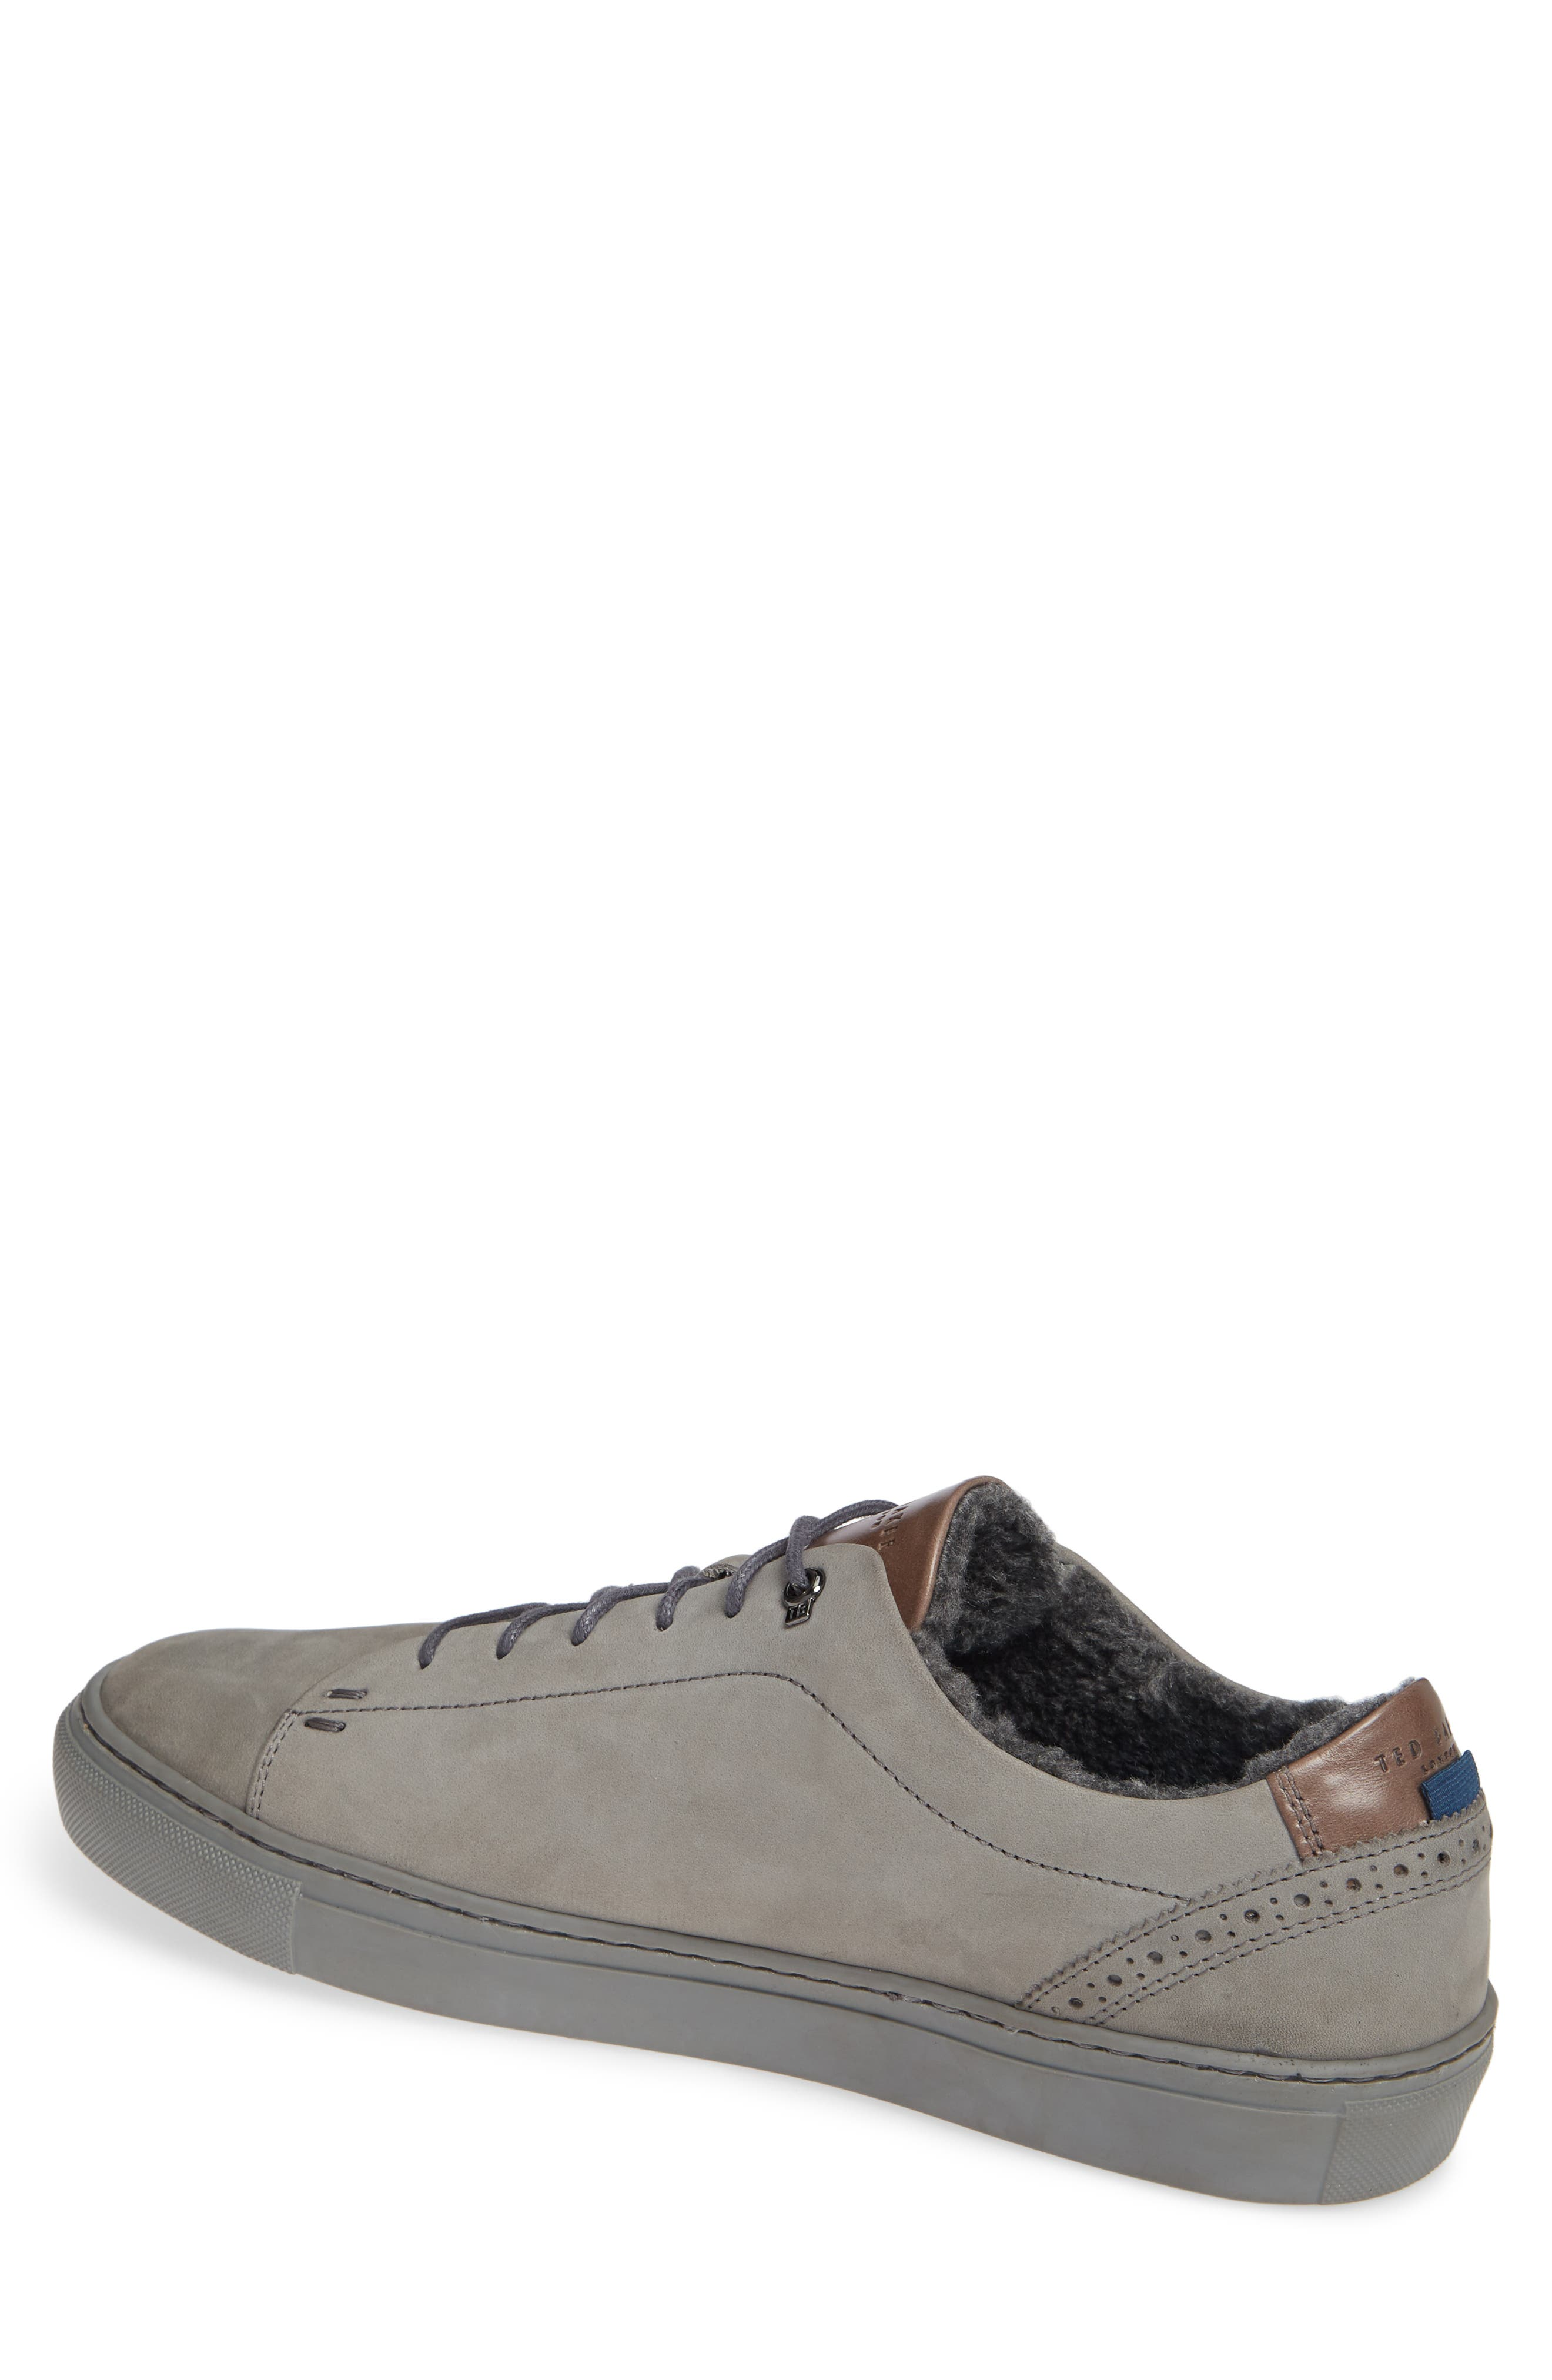 Dahvid Nubuck Sneaker,                             Alternate thumbnail 2, color,                             GREY NUBUCK